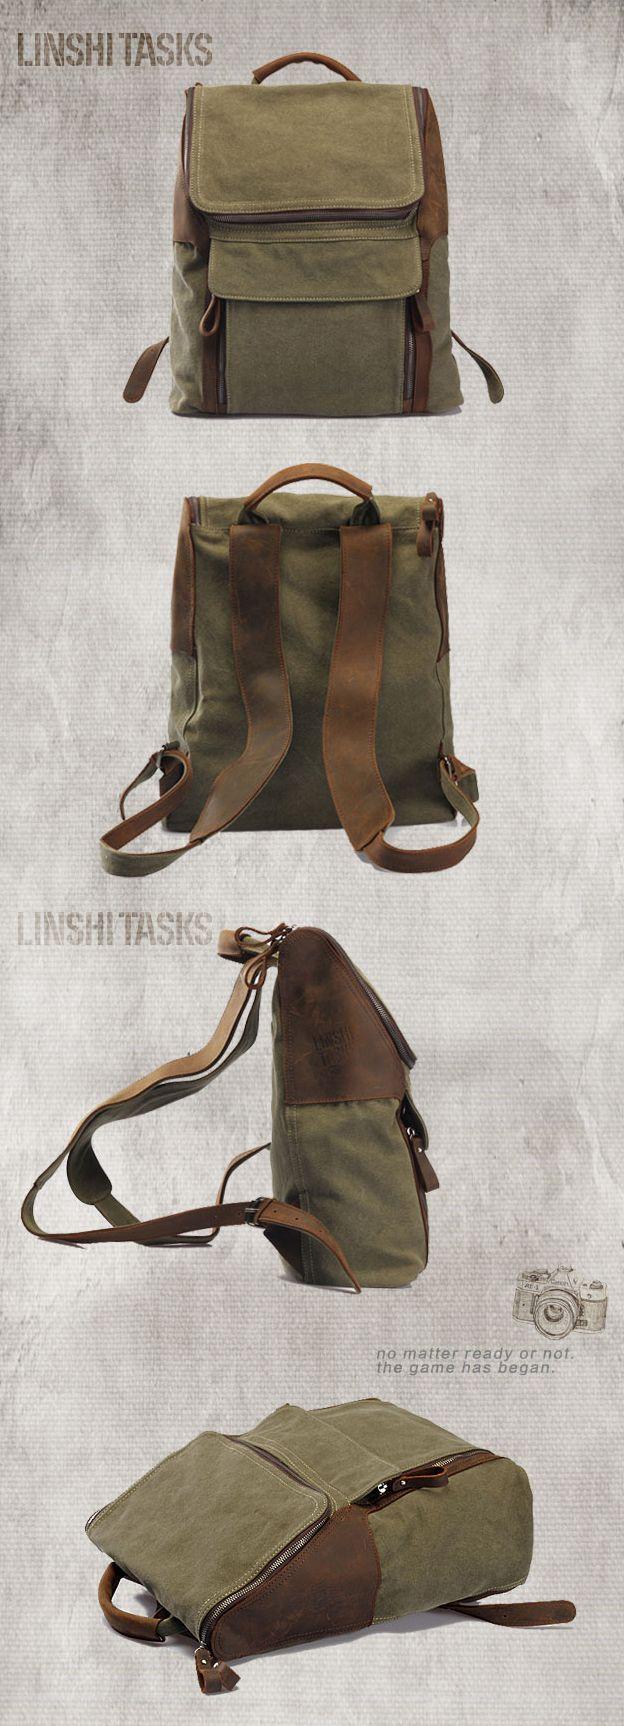 Мужской рюкзак в стиле casual + military. Красивое сочетание коричневой кожи и зеленого брезента.